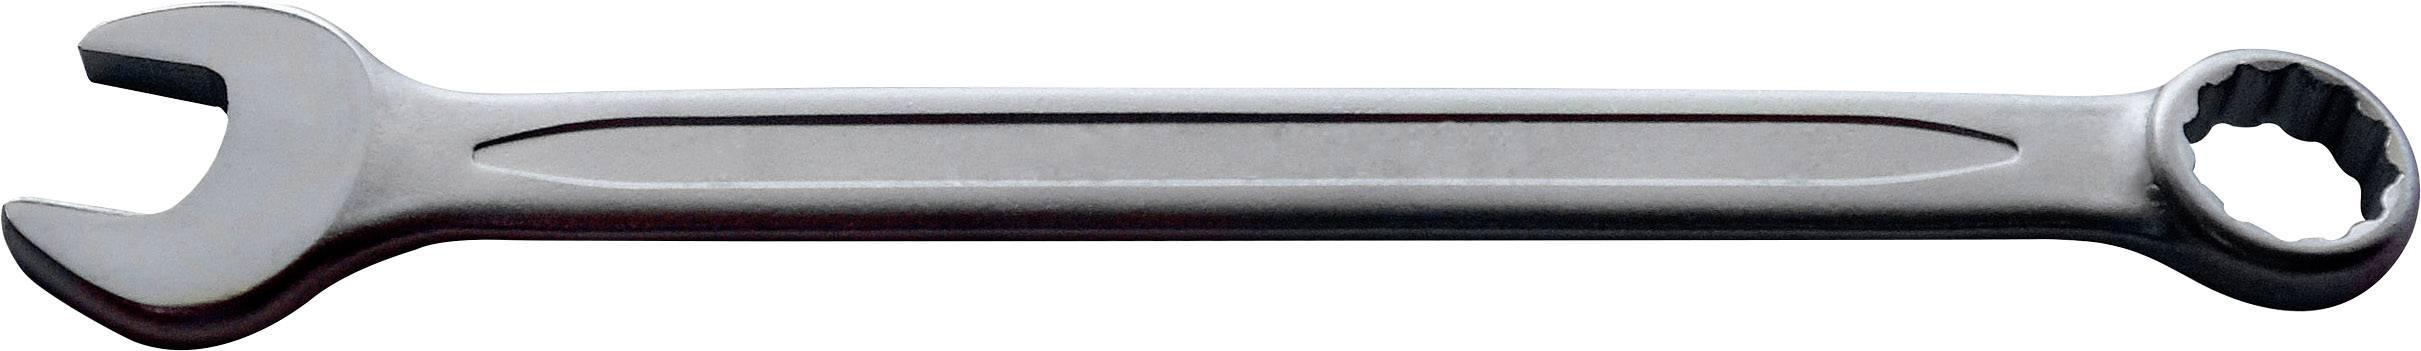 Očkoplochý klíč TOOLCRAFT 820833, DIN 3113 Form A, 9 mm